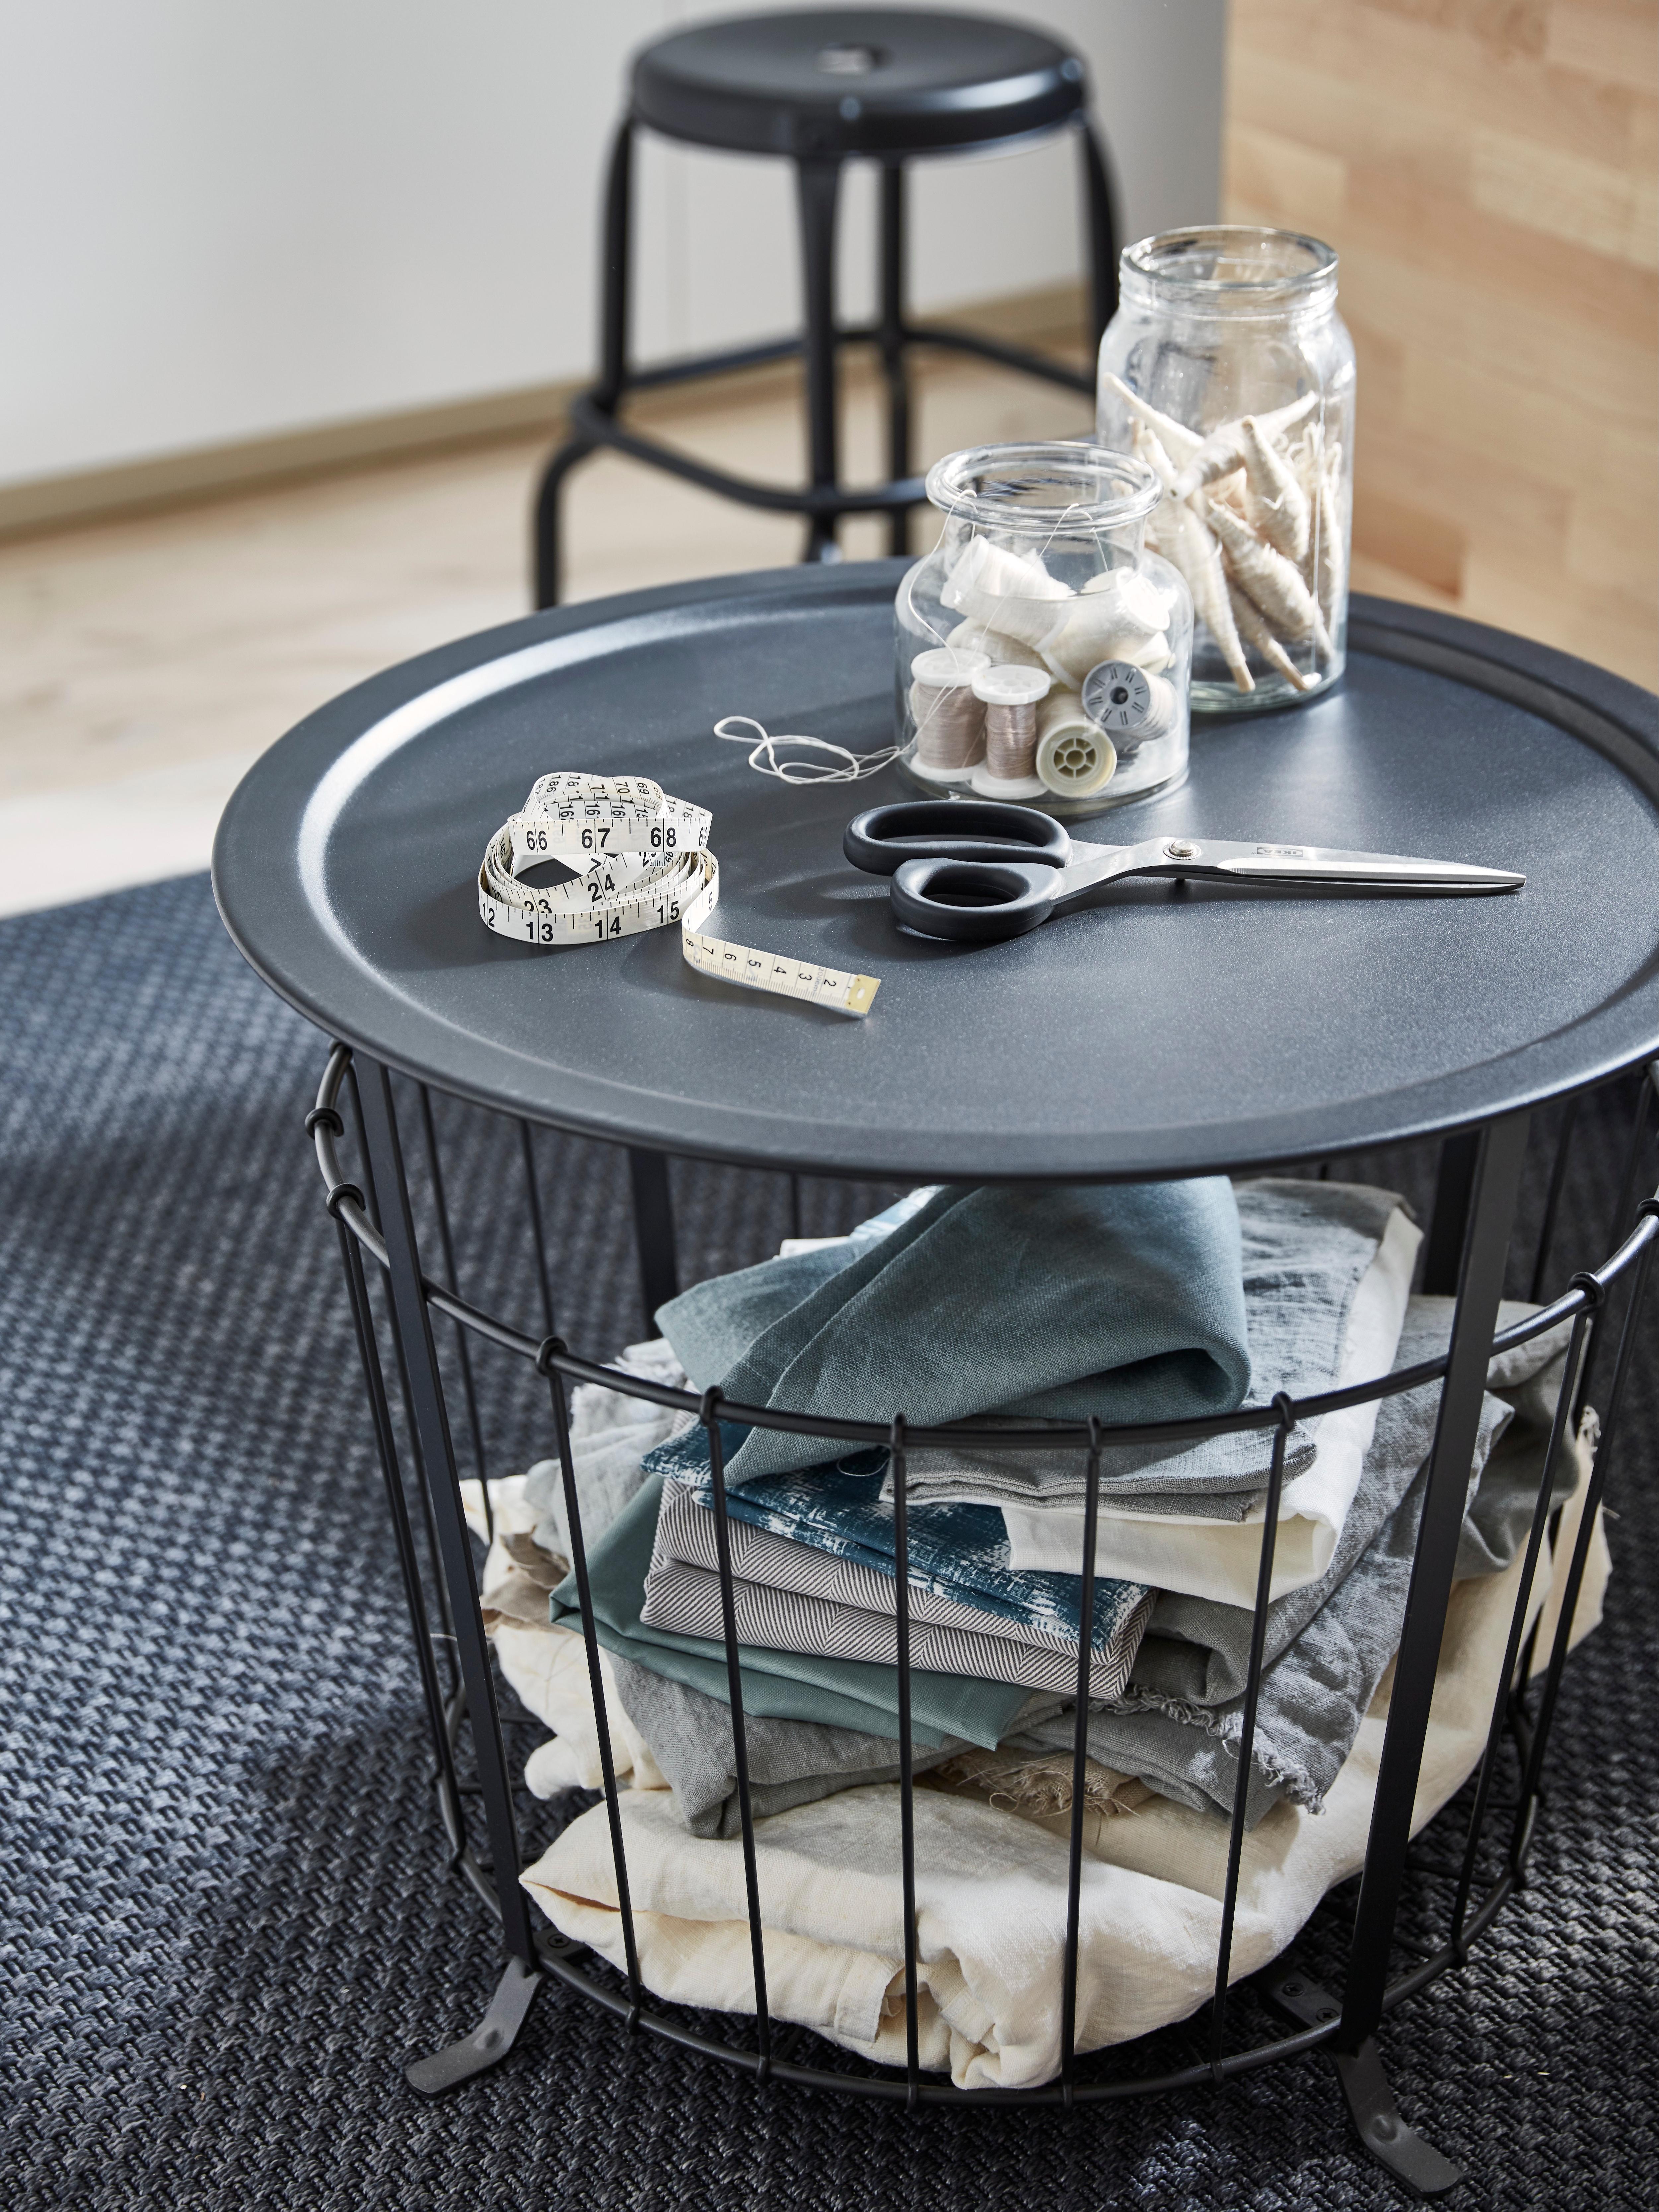 GUALÖV stol za odlaganje drži tkaninu. Na vrhu su staklenke pune konaca, škare i traka za mjerenje.